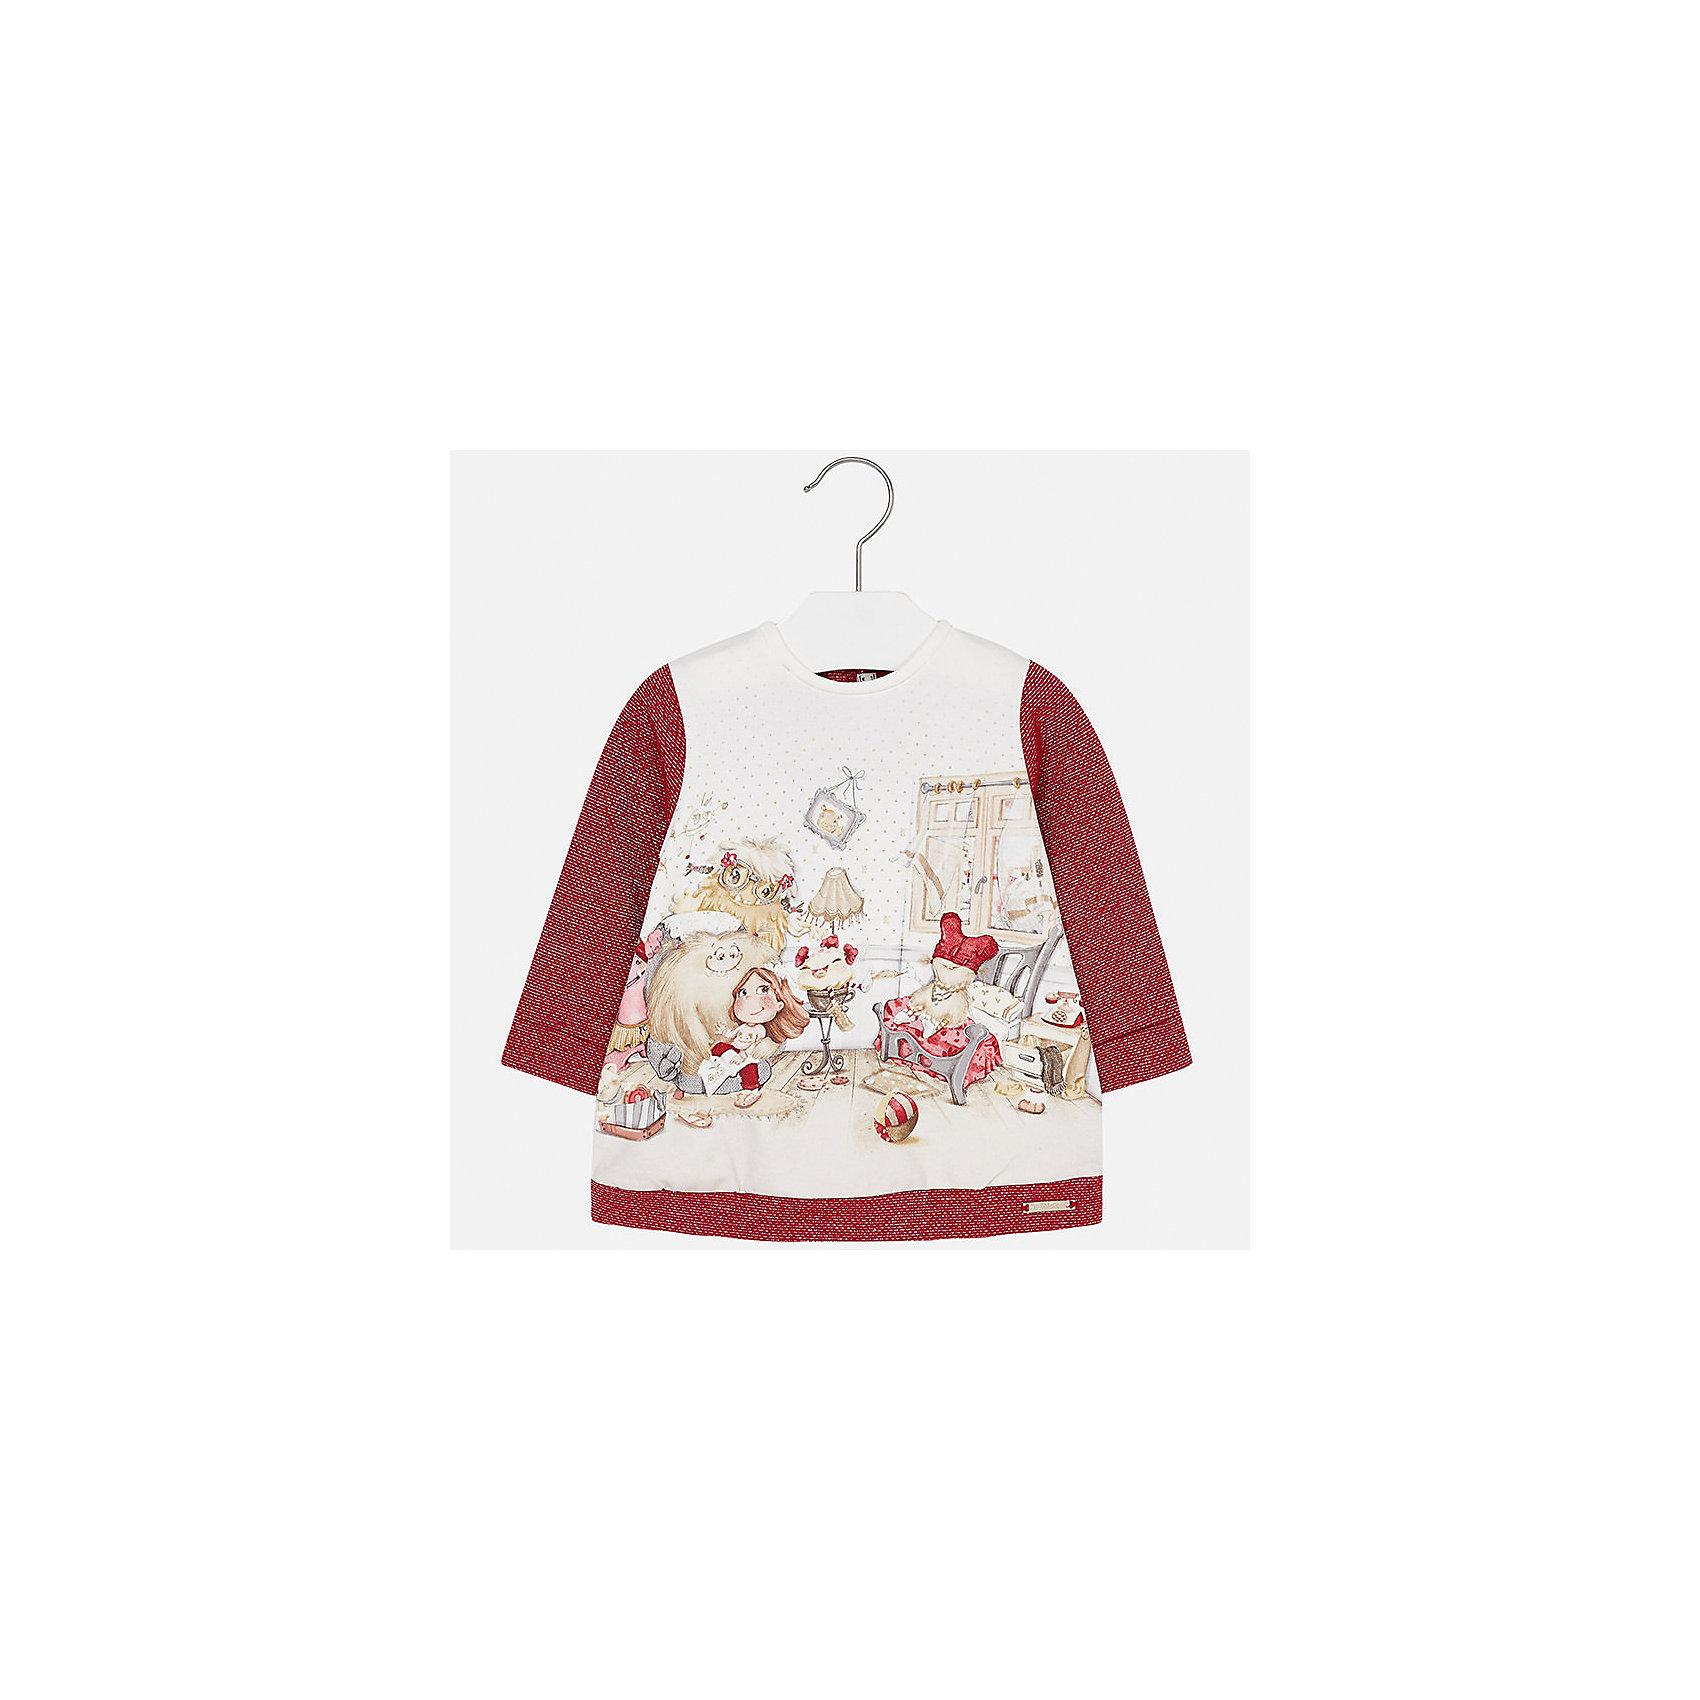 Платье для девочки MayoralОсенне-зимние платья и сарафаны<br>Характеристики товара:<br><br>• цвет: красный<br>• состав ткани: 65% хлопок, 25% полиэстер, 8% металлизированная нить, 2% эластан<br>• сезон: демисезон<br>• особенности: принт<br>• застежка: кнопки<br>• длинные рукава<br>• страна бренда: Испания<br>• страна изготовитель: Индия<br><br>Модное детское платье с принтом сделано из дышащего приятного на ощупь материала. Благодаря качественной ткани детского платья для девочки создаются комфортные условия для тела. Платье для девочки отличается стильным продуманным дизайном.<br><br>Платье для девочки Mayoral (Майорал) можно купить в нашем интернет-магазине.<br><br>Ширина мм: 236<br>Глубина мм: 16<br>Высота мм: 184<br>Вес г: 177<br>Цвет: красный<br>Возраст от месяцев: 24<br>Возраст до месяцев: 36<br>Пол: Женский<br>Возраст: Детский<br>Размер: 98,74,80,86,92<br>SKU: 6920807